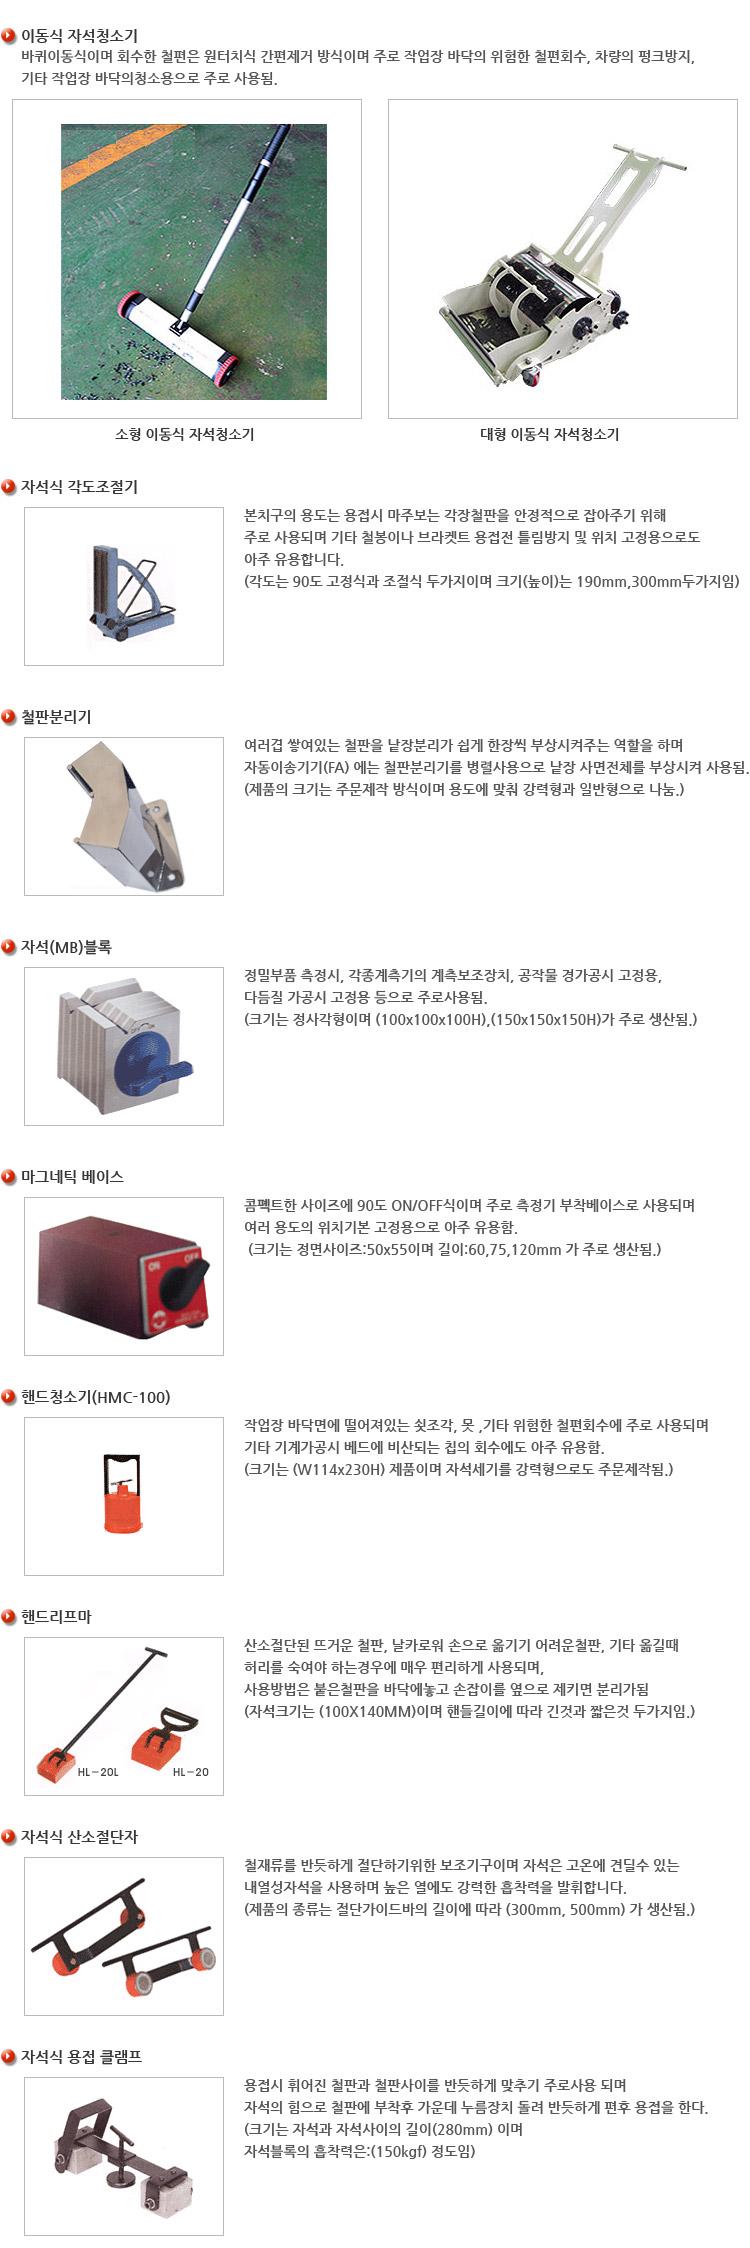 (주)일화마그네틱테크 자석공구